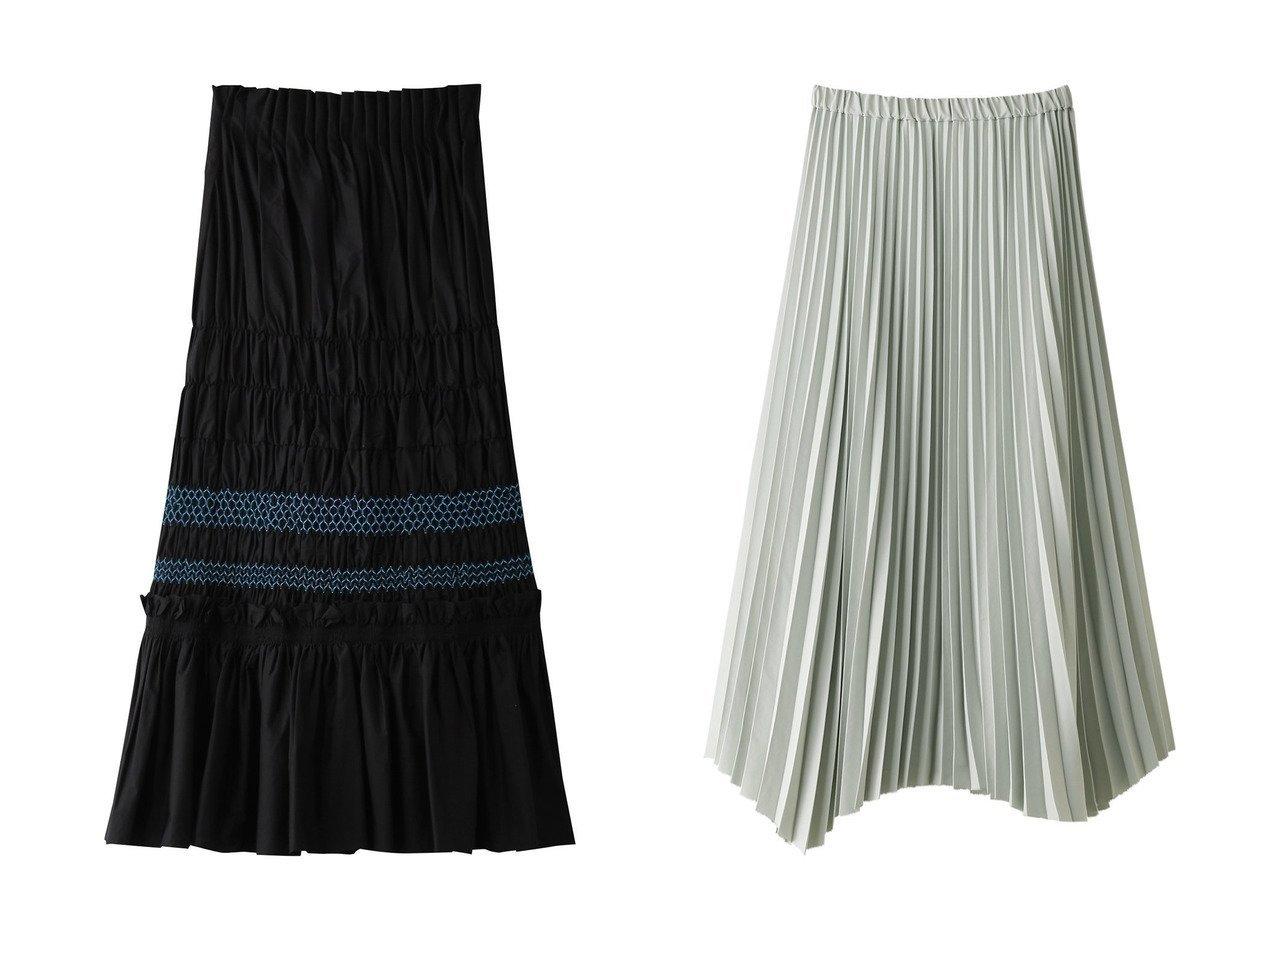 【ENFOLD/エンフォルド】のSOMELOS スモッキングスカート&【SACRA/サクラ】のウェーブヘムアコーディオンスカート 【スカート】おすすめ!人気、トレンド・レディースファッションの通販 おすすめで人気の流行・トレンド、ファッションの通販商品 メンズファッション・キッズファッション・インテリア・家具・レディースファッション・服の通販 founy(ファニー) https://founy.com/ ファッション Fashion レディースファッション WOMEN スカート Skirt ロングスカート Long Skirt おすすめ Recommend スモッキング セットアップ ターコイズ ロング |ID:crp329100000035431